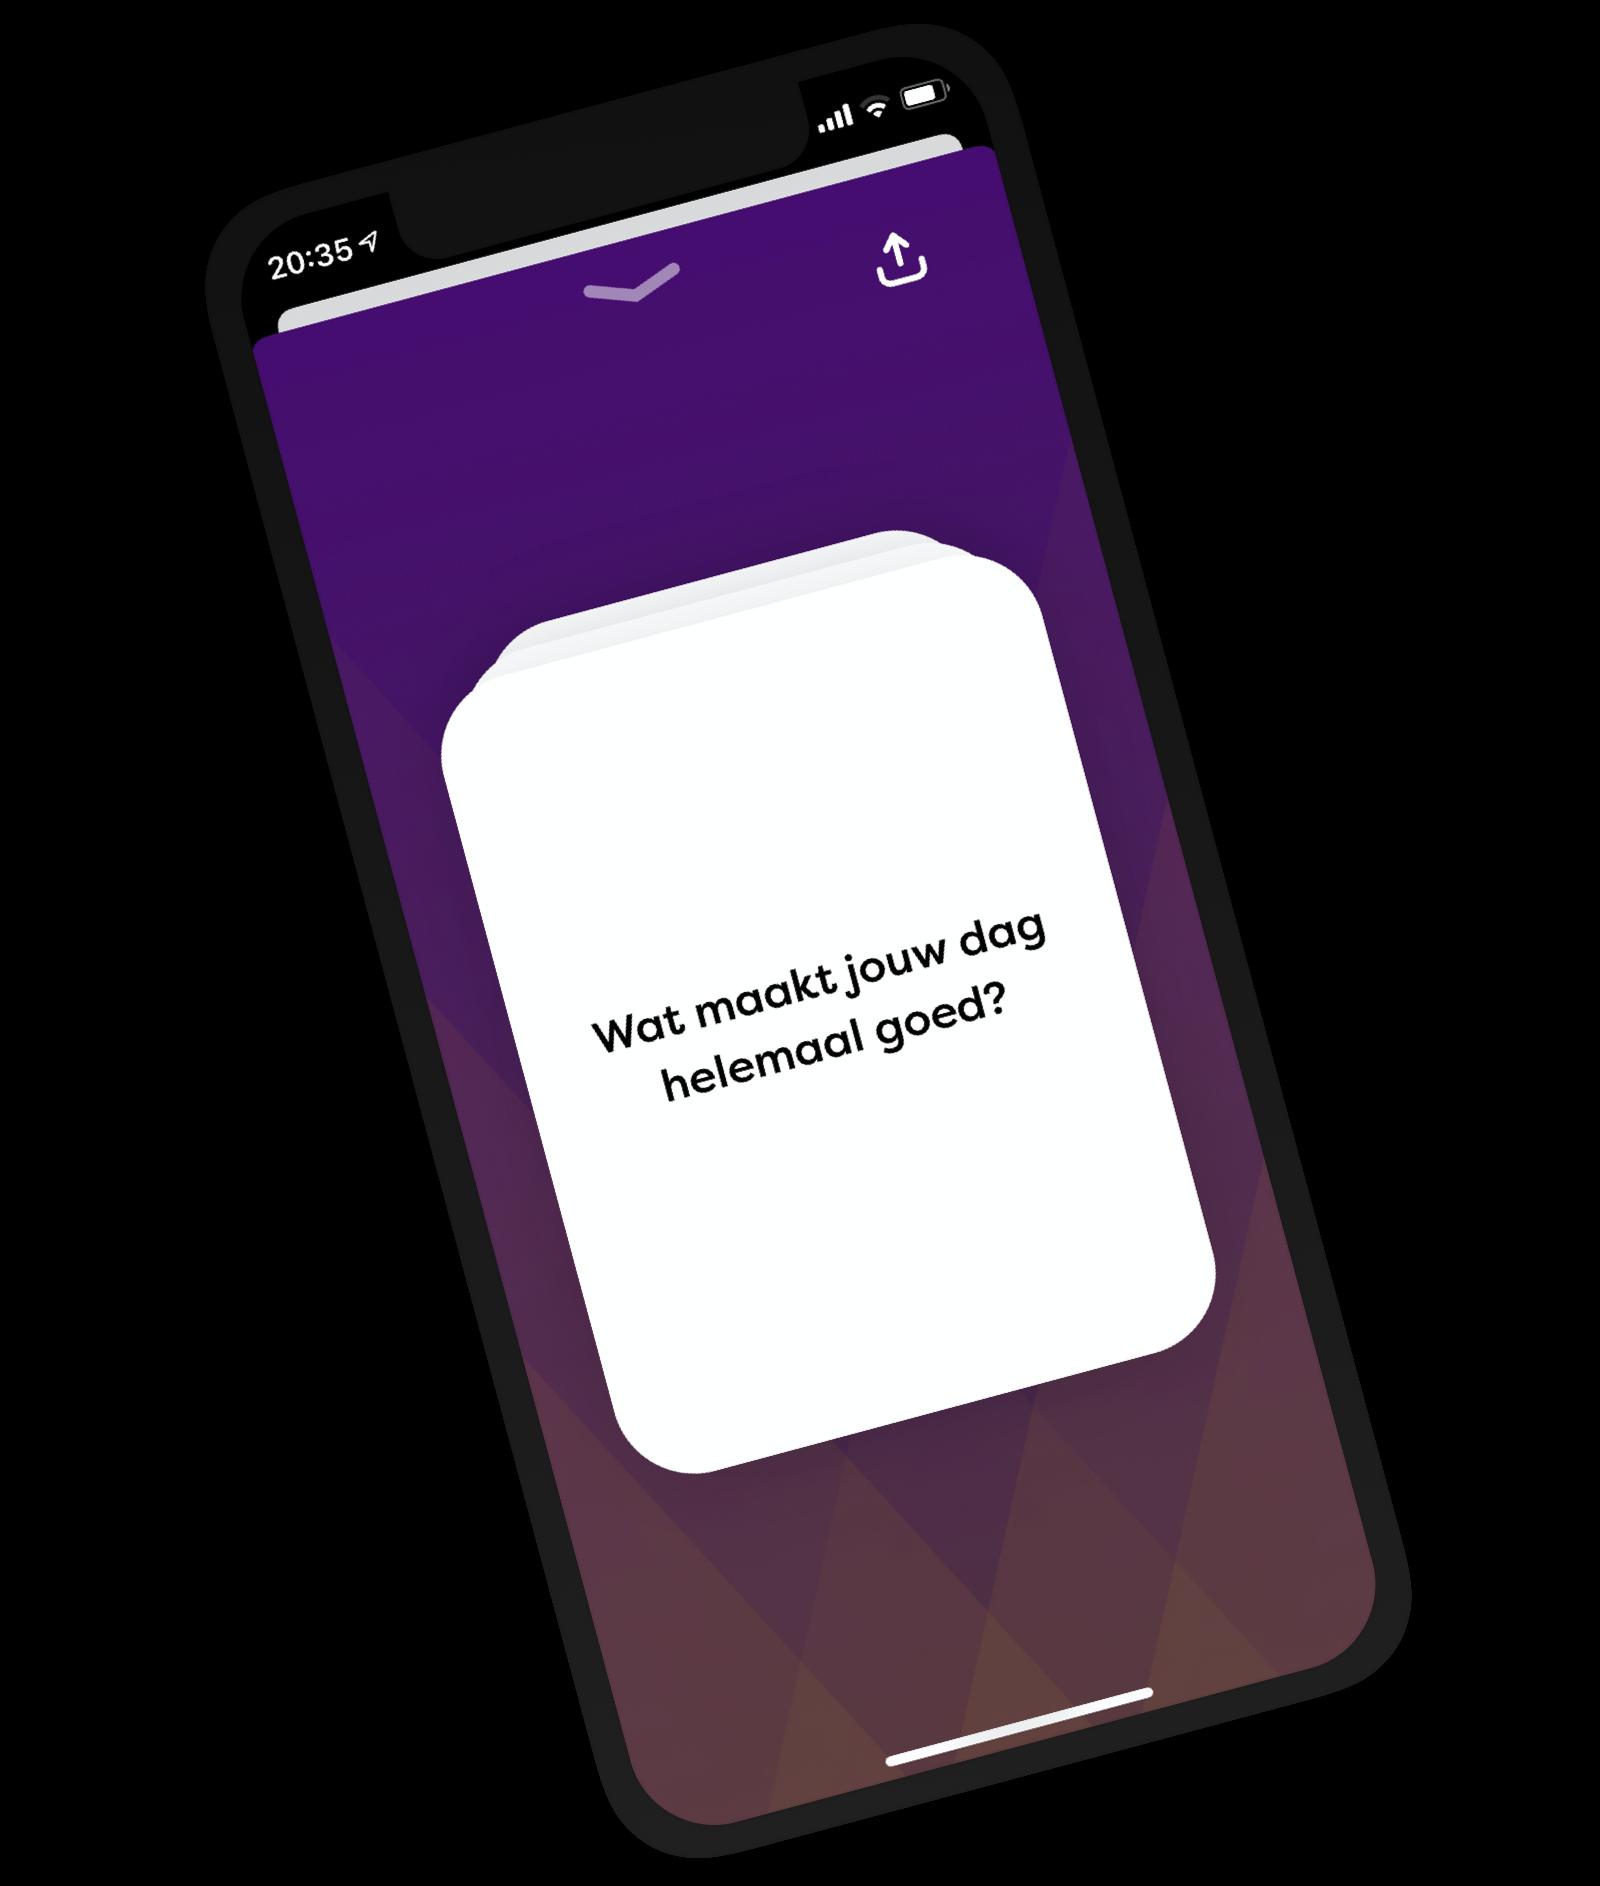 De app met een voorbeeld van een card met vraag